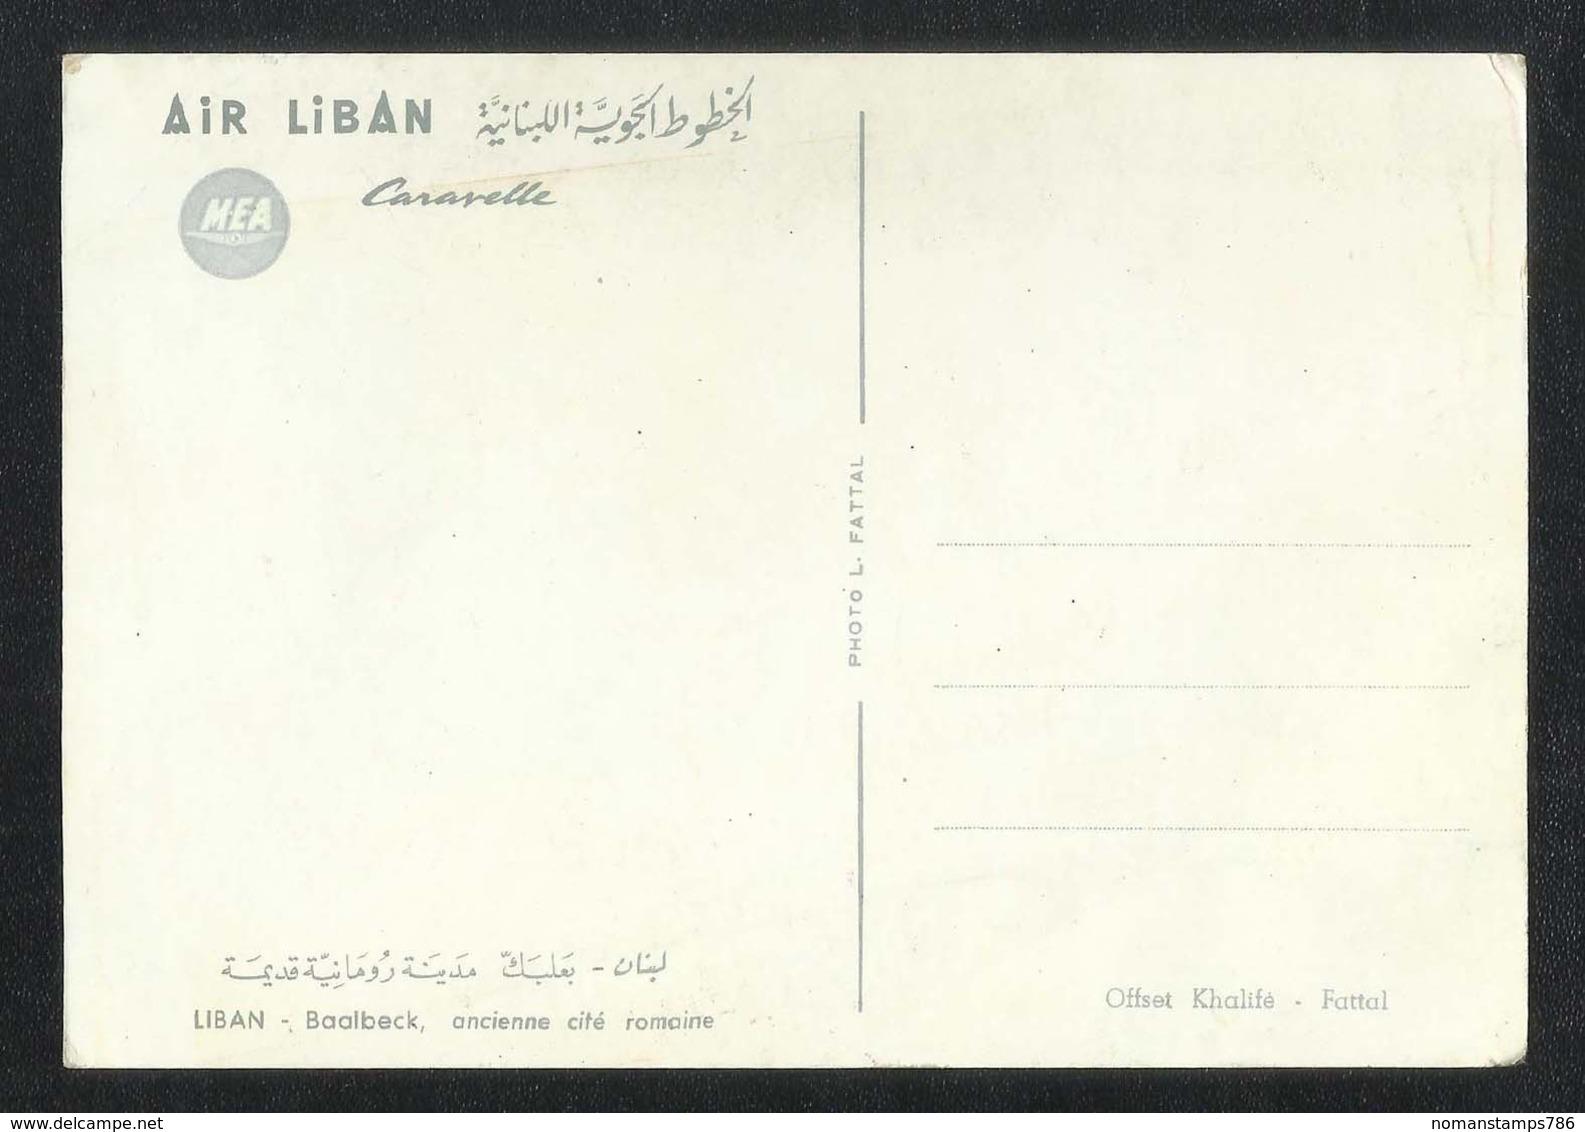 Lebanon Liban Airline M.E.A Air Picture Baalbeck View Card - Lebanon